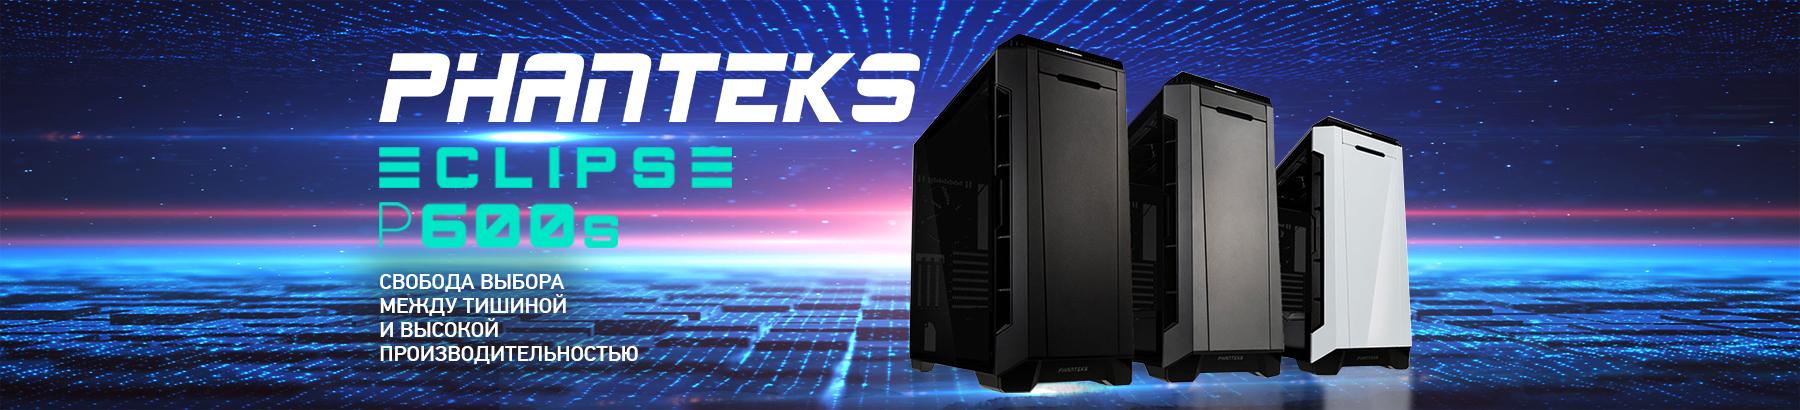 Корпуса Phanteks серии ECLIPSE P600S - свобода выбора между тишиной и высокой производительностью